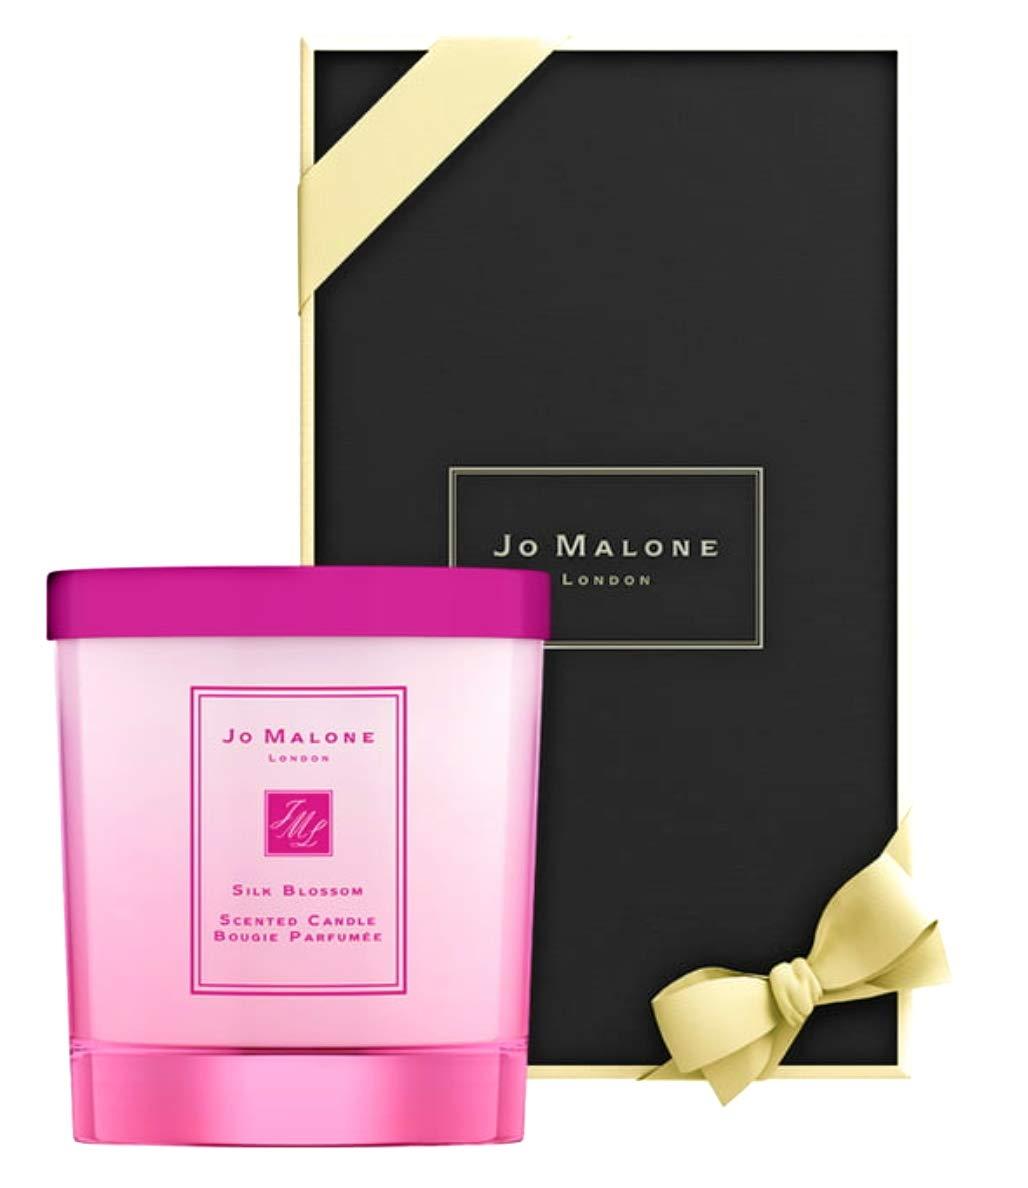 Jo Malone Silk Blossom Candle 7 oz / 200g. Wrapped in signature black box.